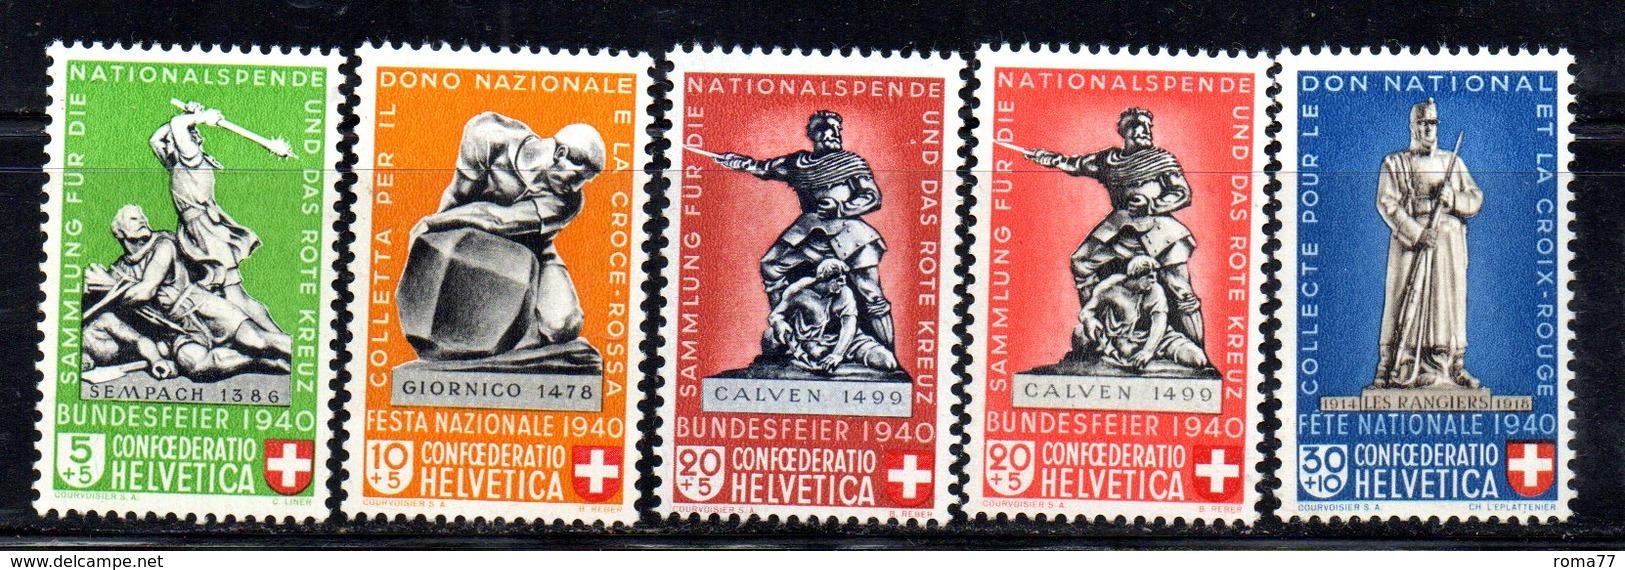 495/1500 - SVIZZERA 1940 , Pro Patria Serie Unificato N. 349/353  ***  MNH - Nuovi